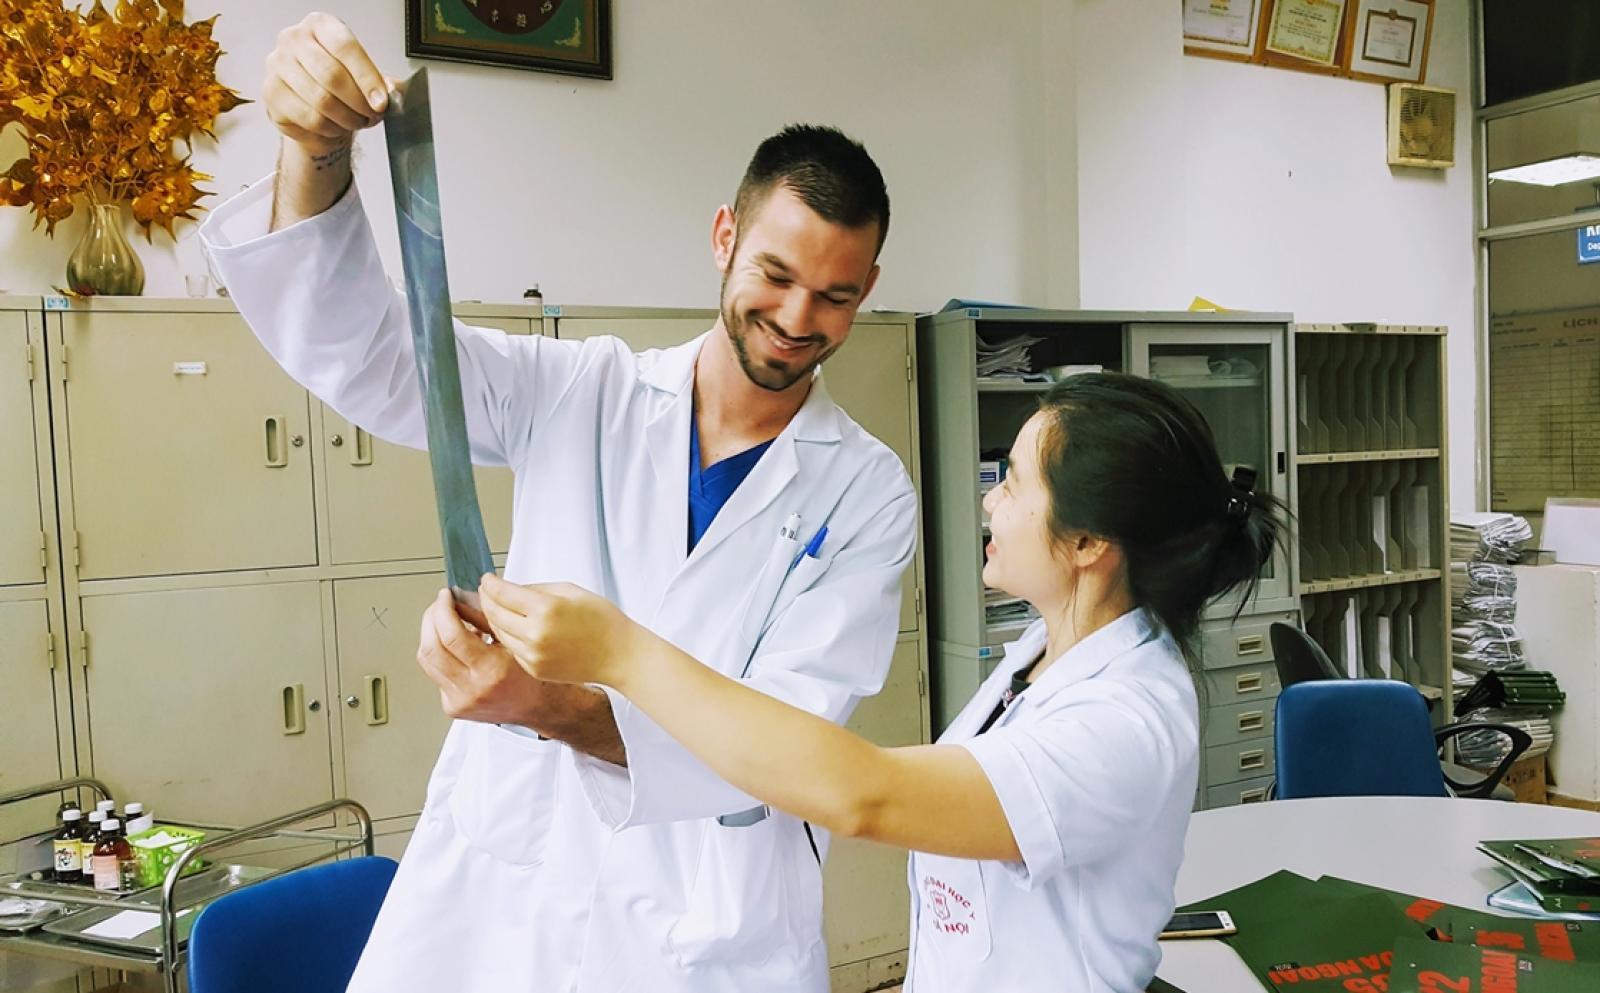 ベトナムの病院で現地人医師からレントゲン結果の見方を学ぶ医療インターン